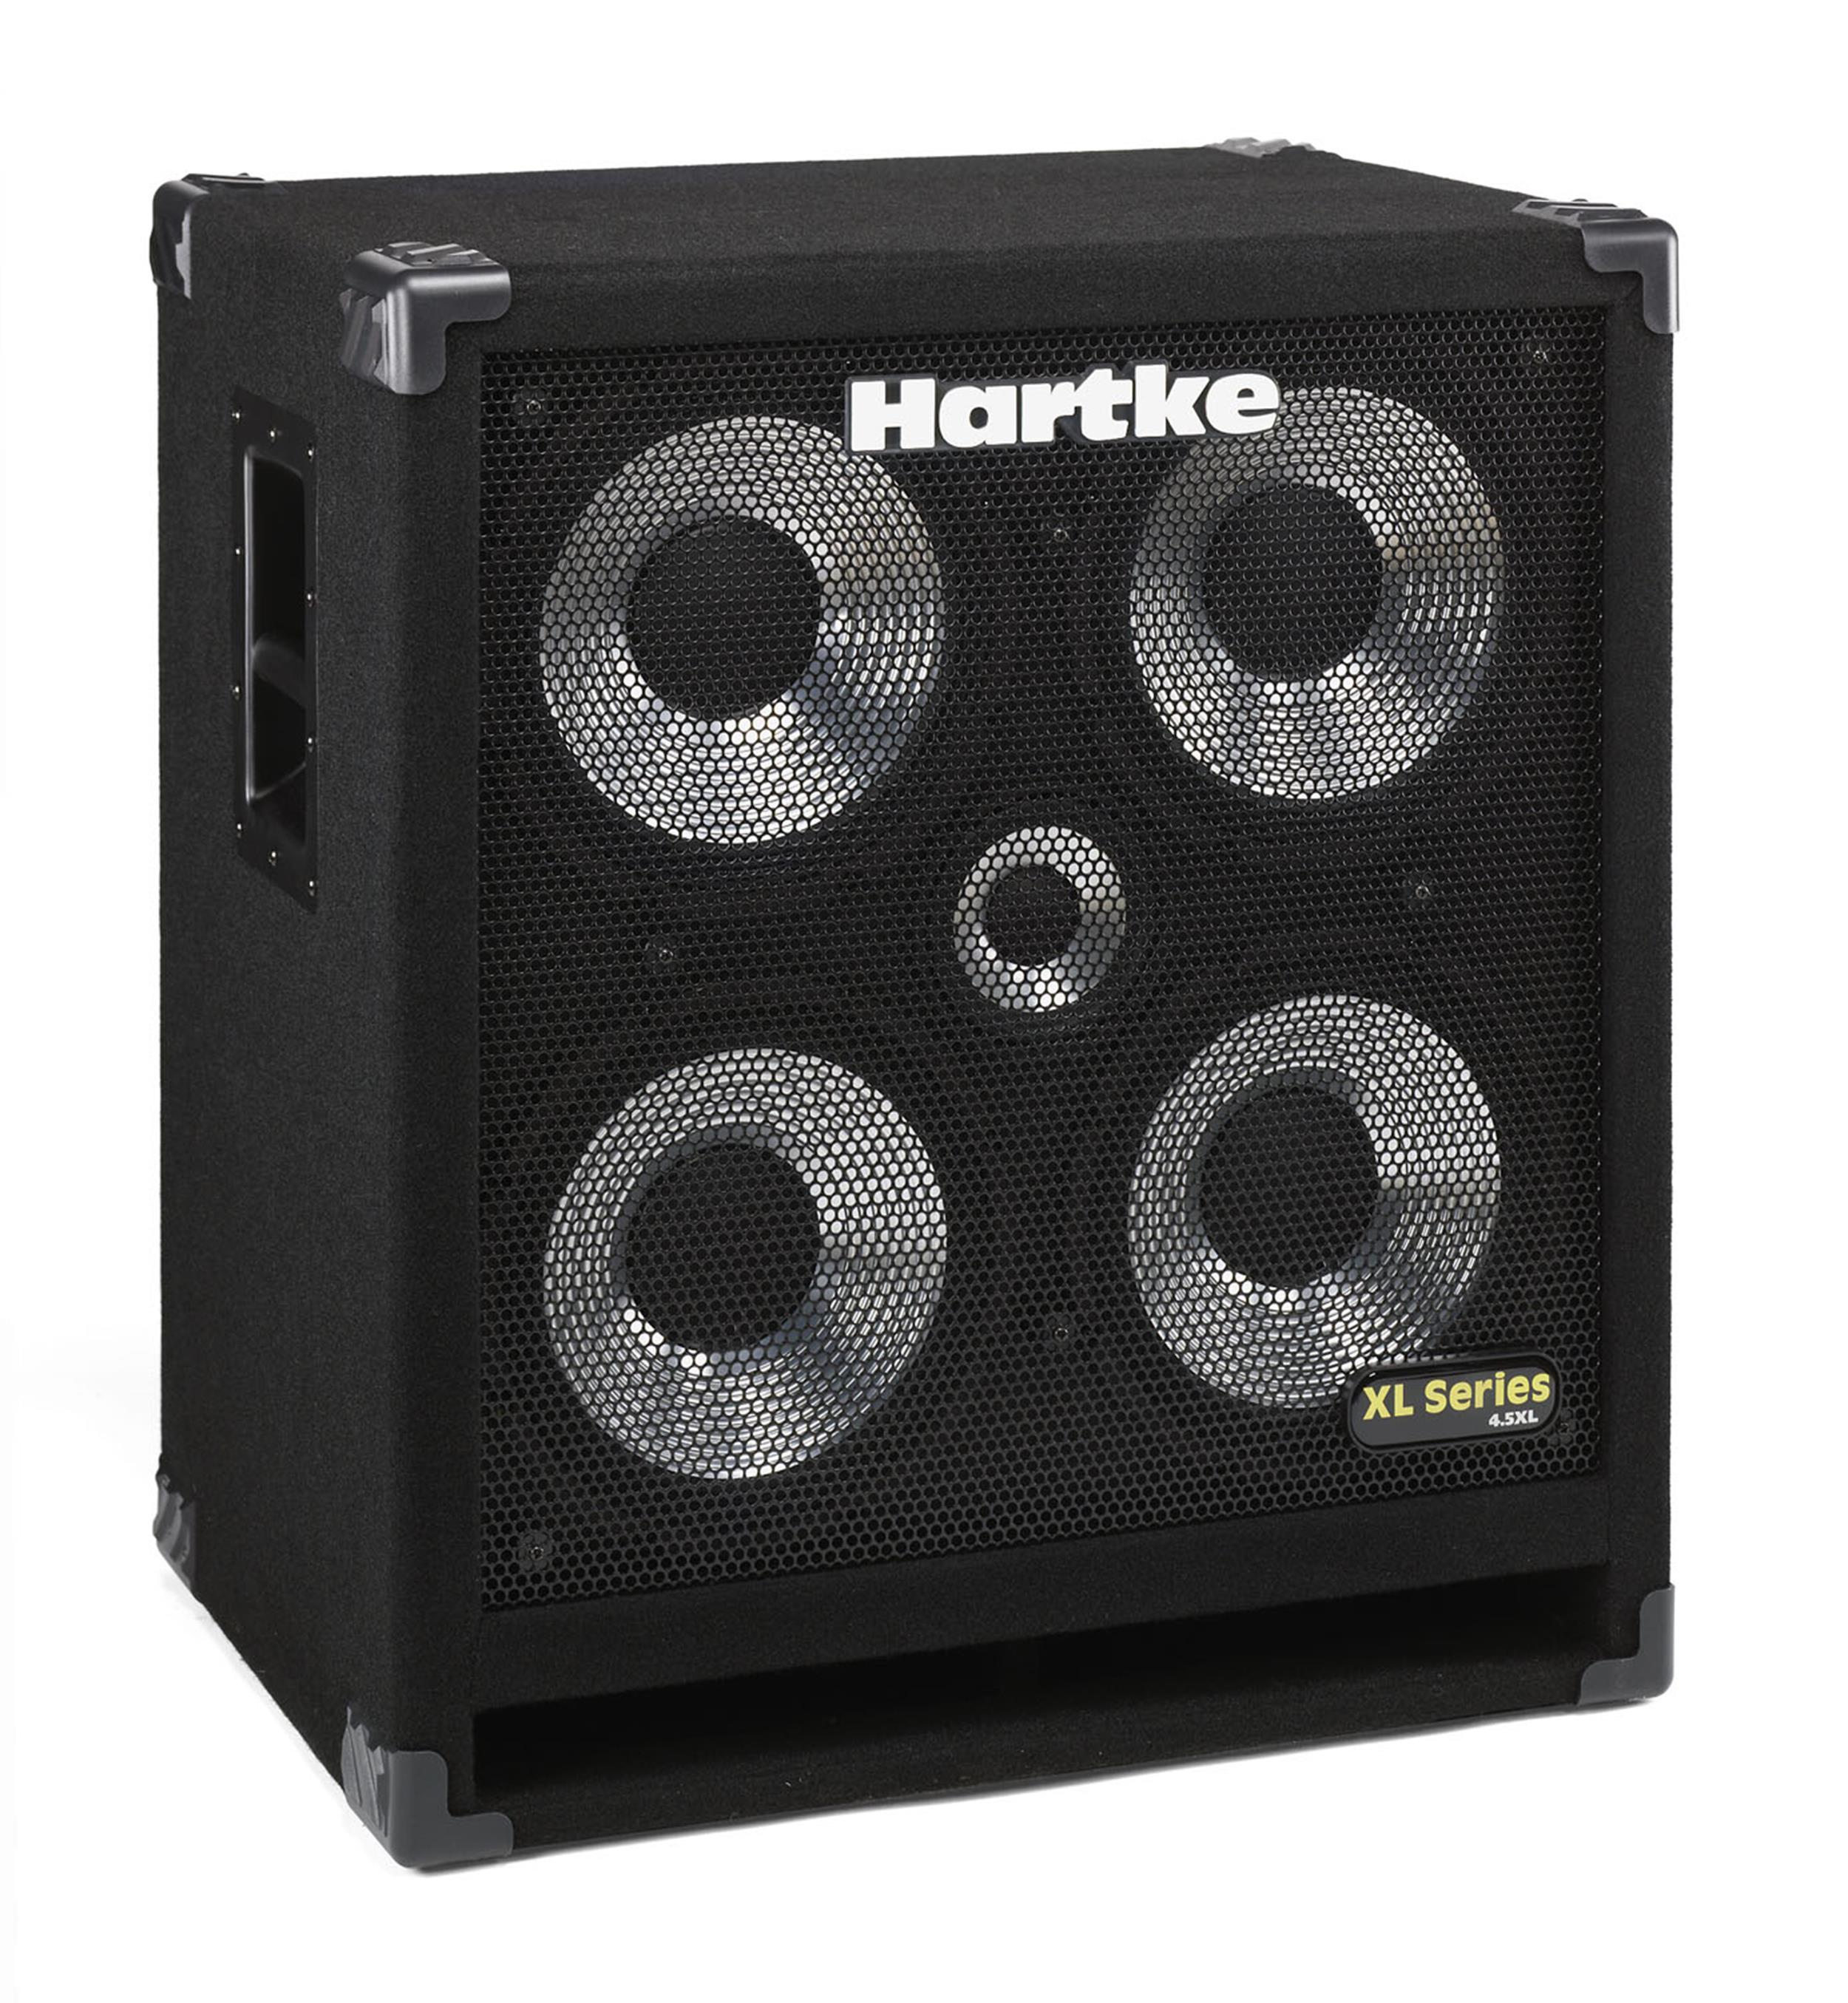 Hartke 4.5XL - 4x10 + 1X5 - 400W - 8 Ohm